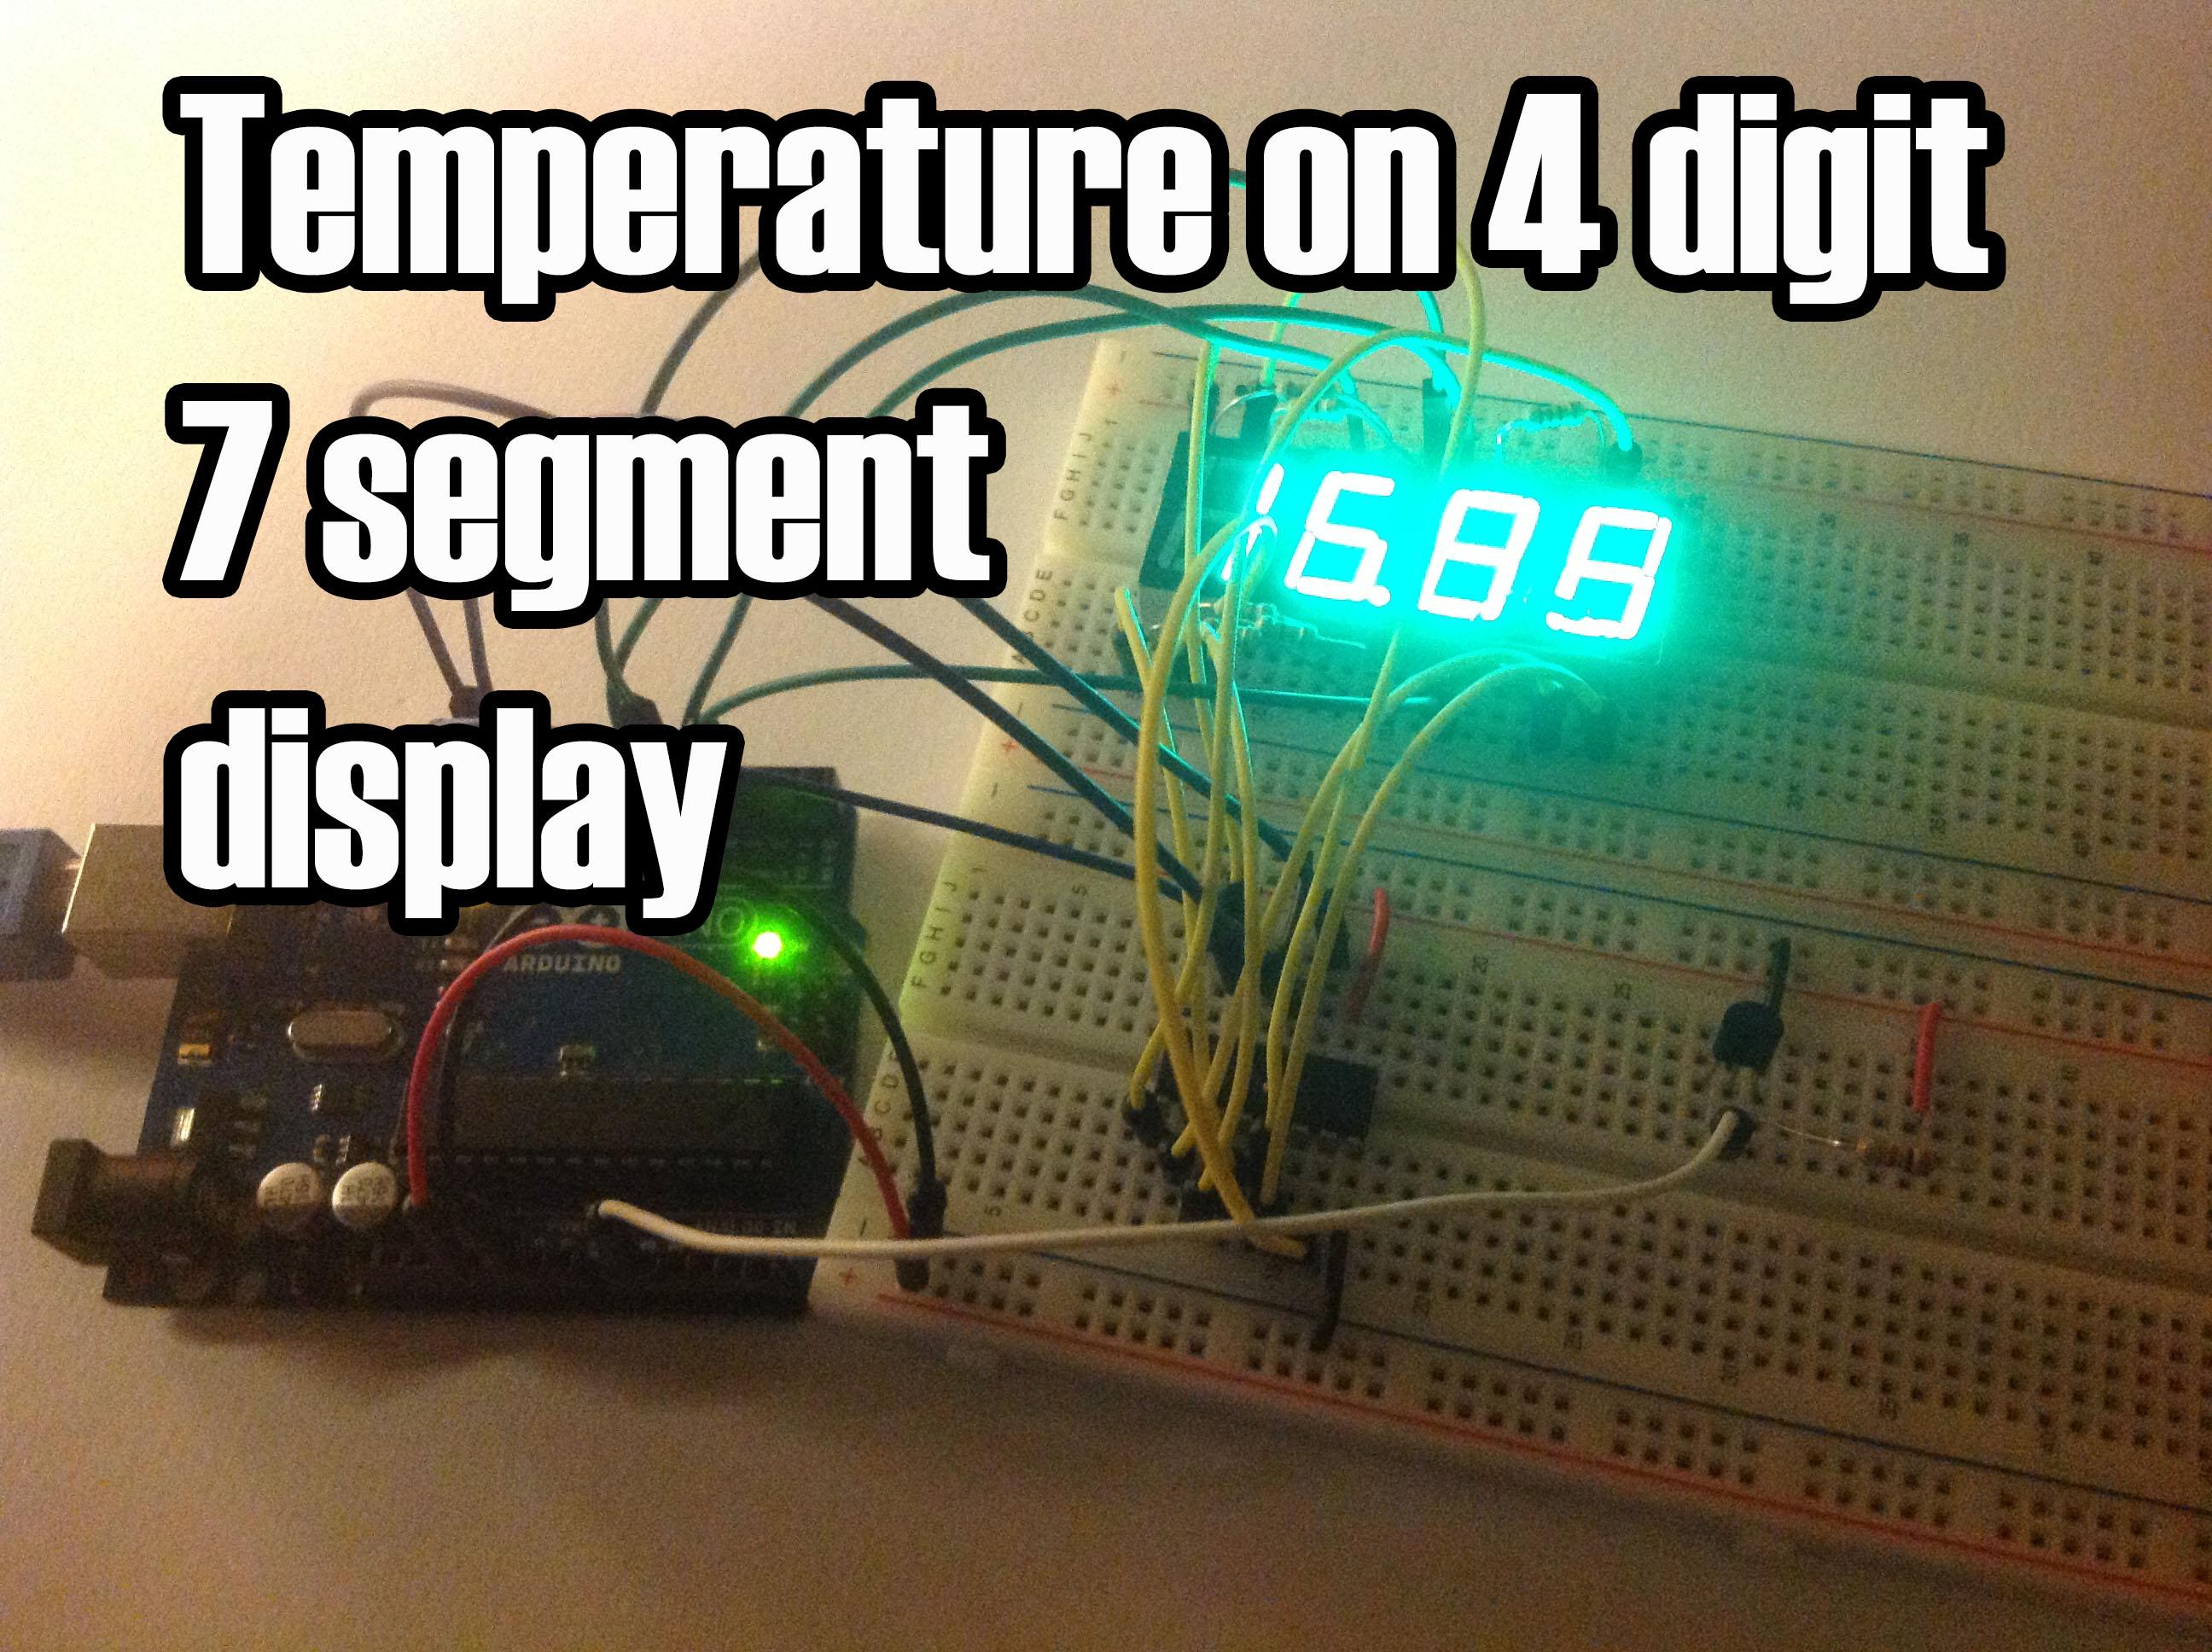 Arduino Temperature On 4 Digit 7 Segment Display Random Nerd Wiring Circuit Diagram Tutorials